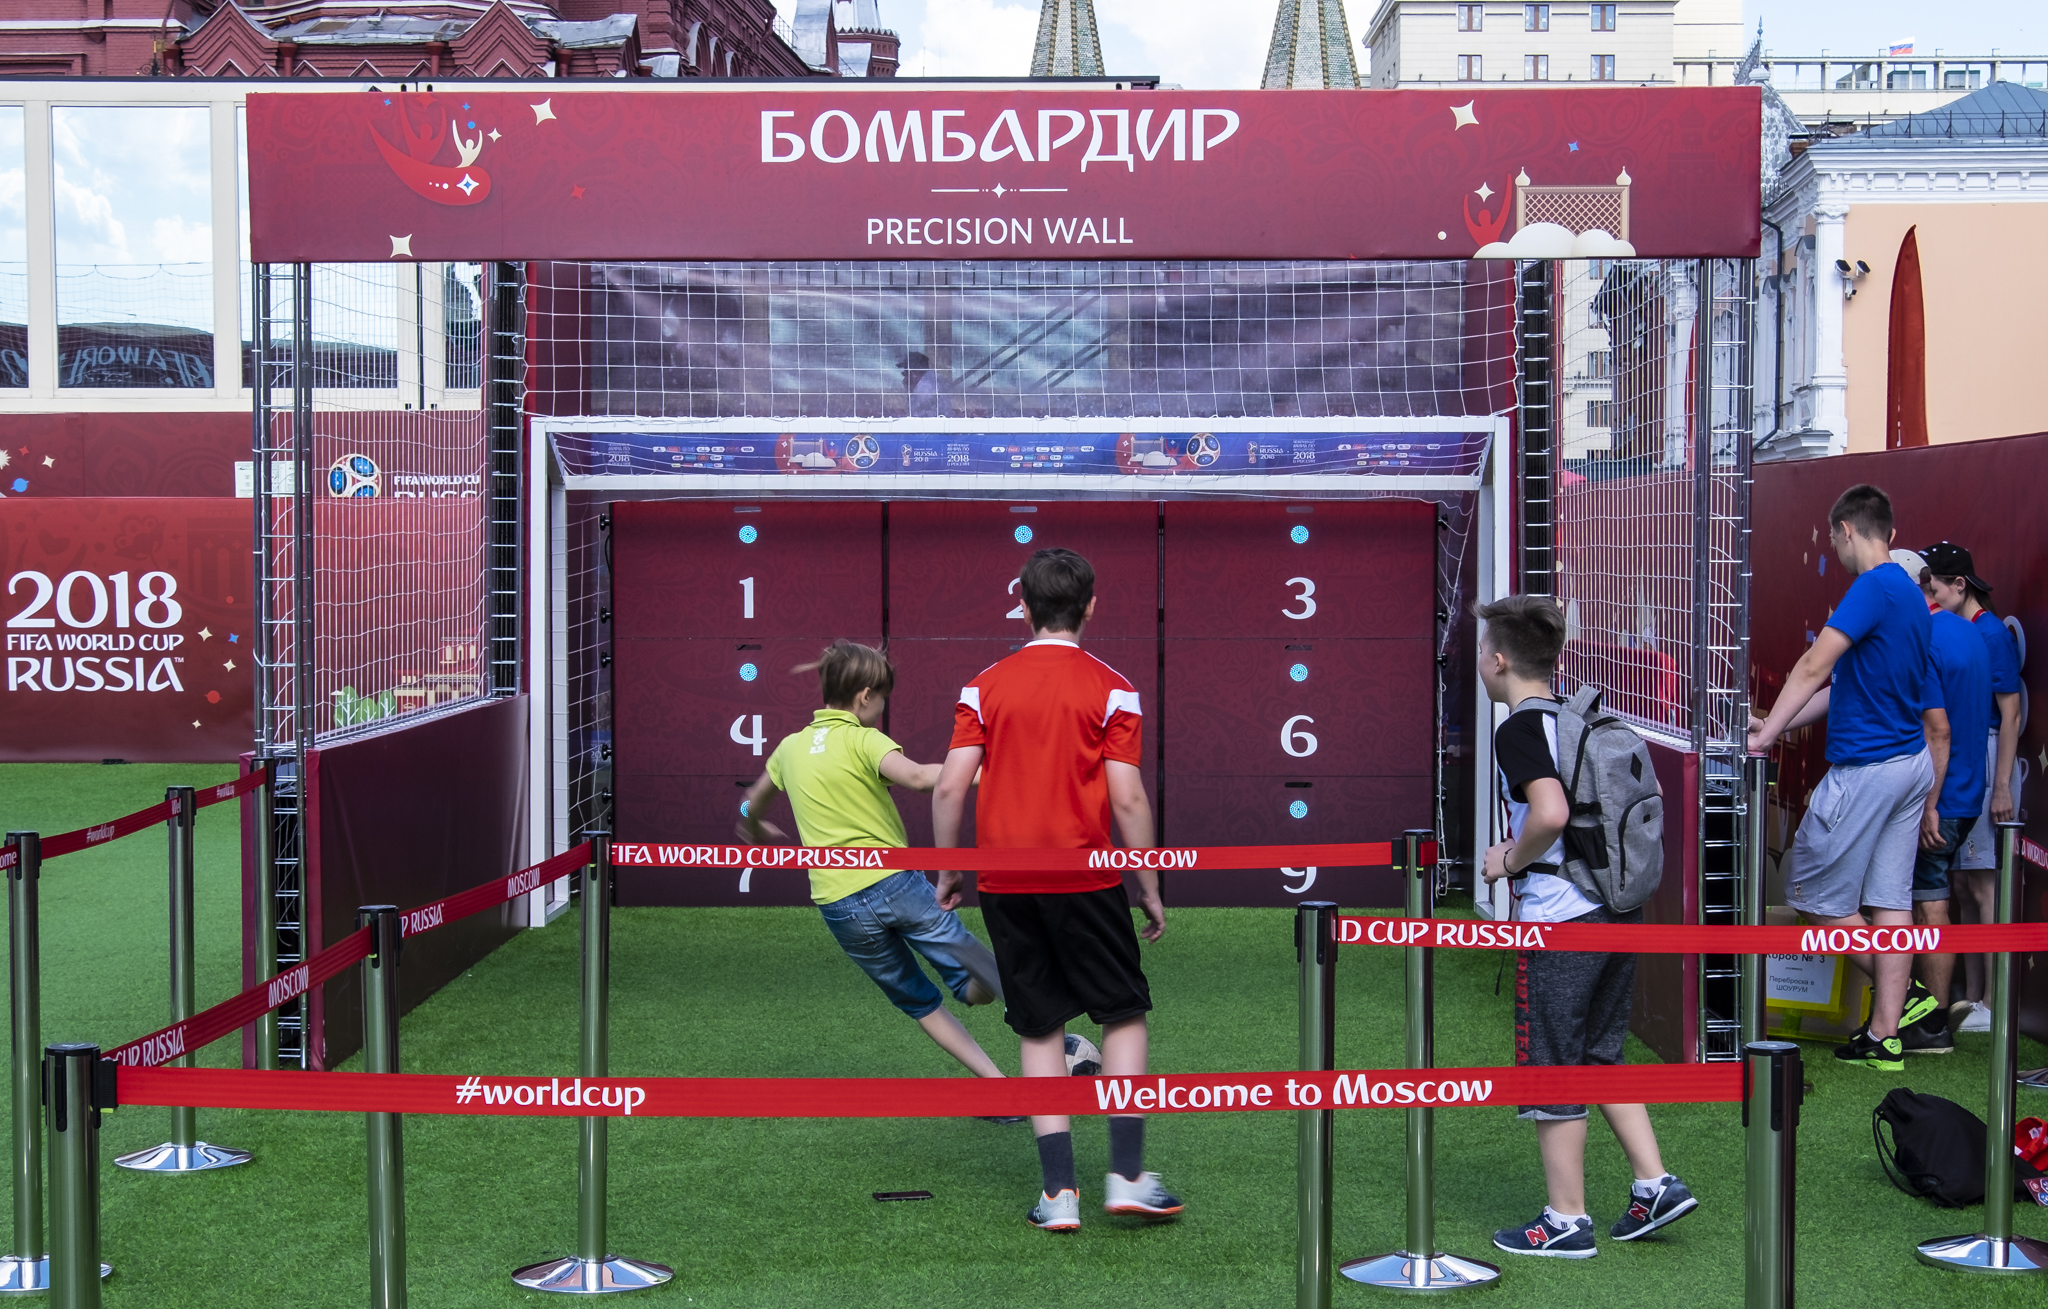 Precision Goal